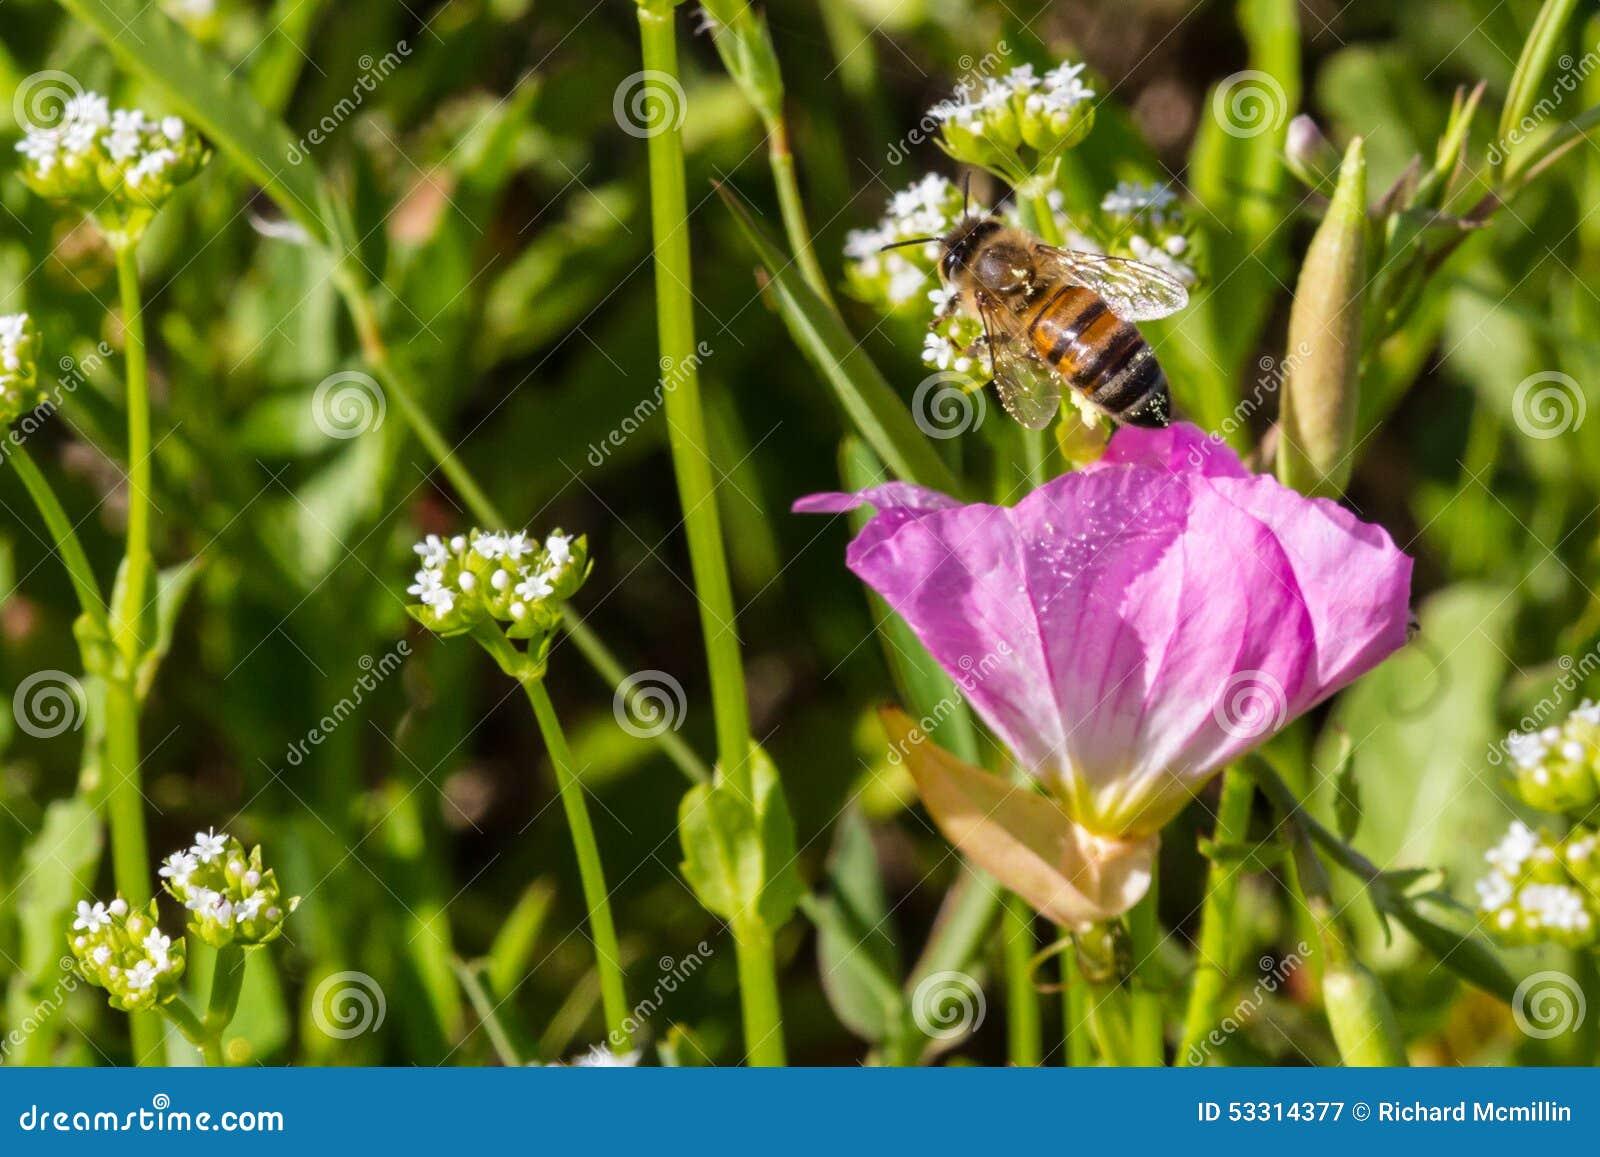 Sluit van Honey Bee Emerging From omhoog Één enkel Texas Pink Evening /Showy Sleutelbloemwildflower